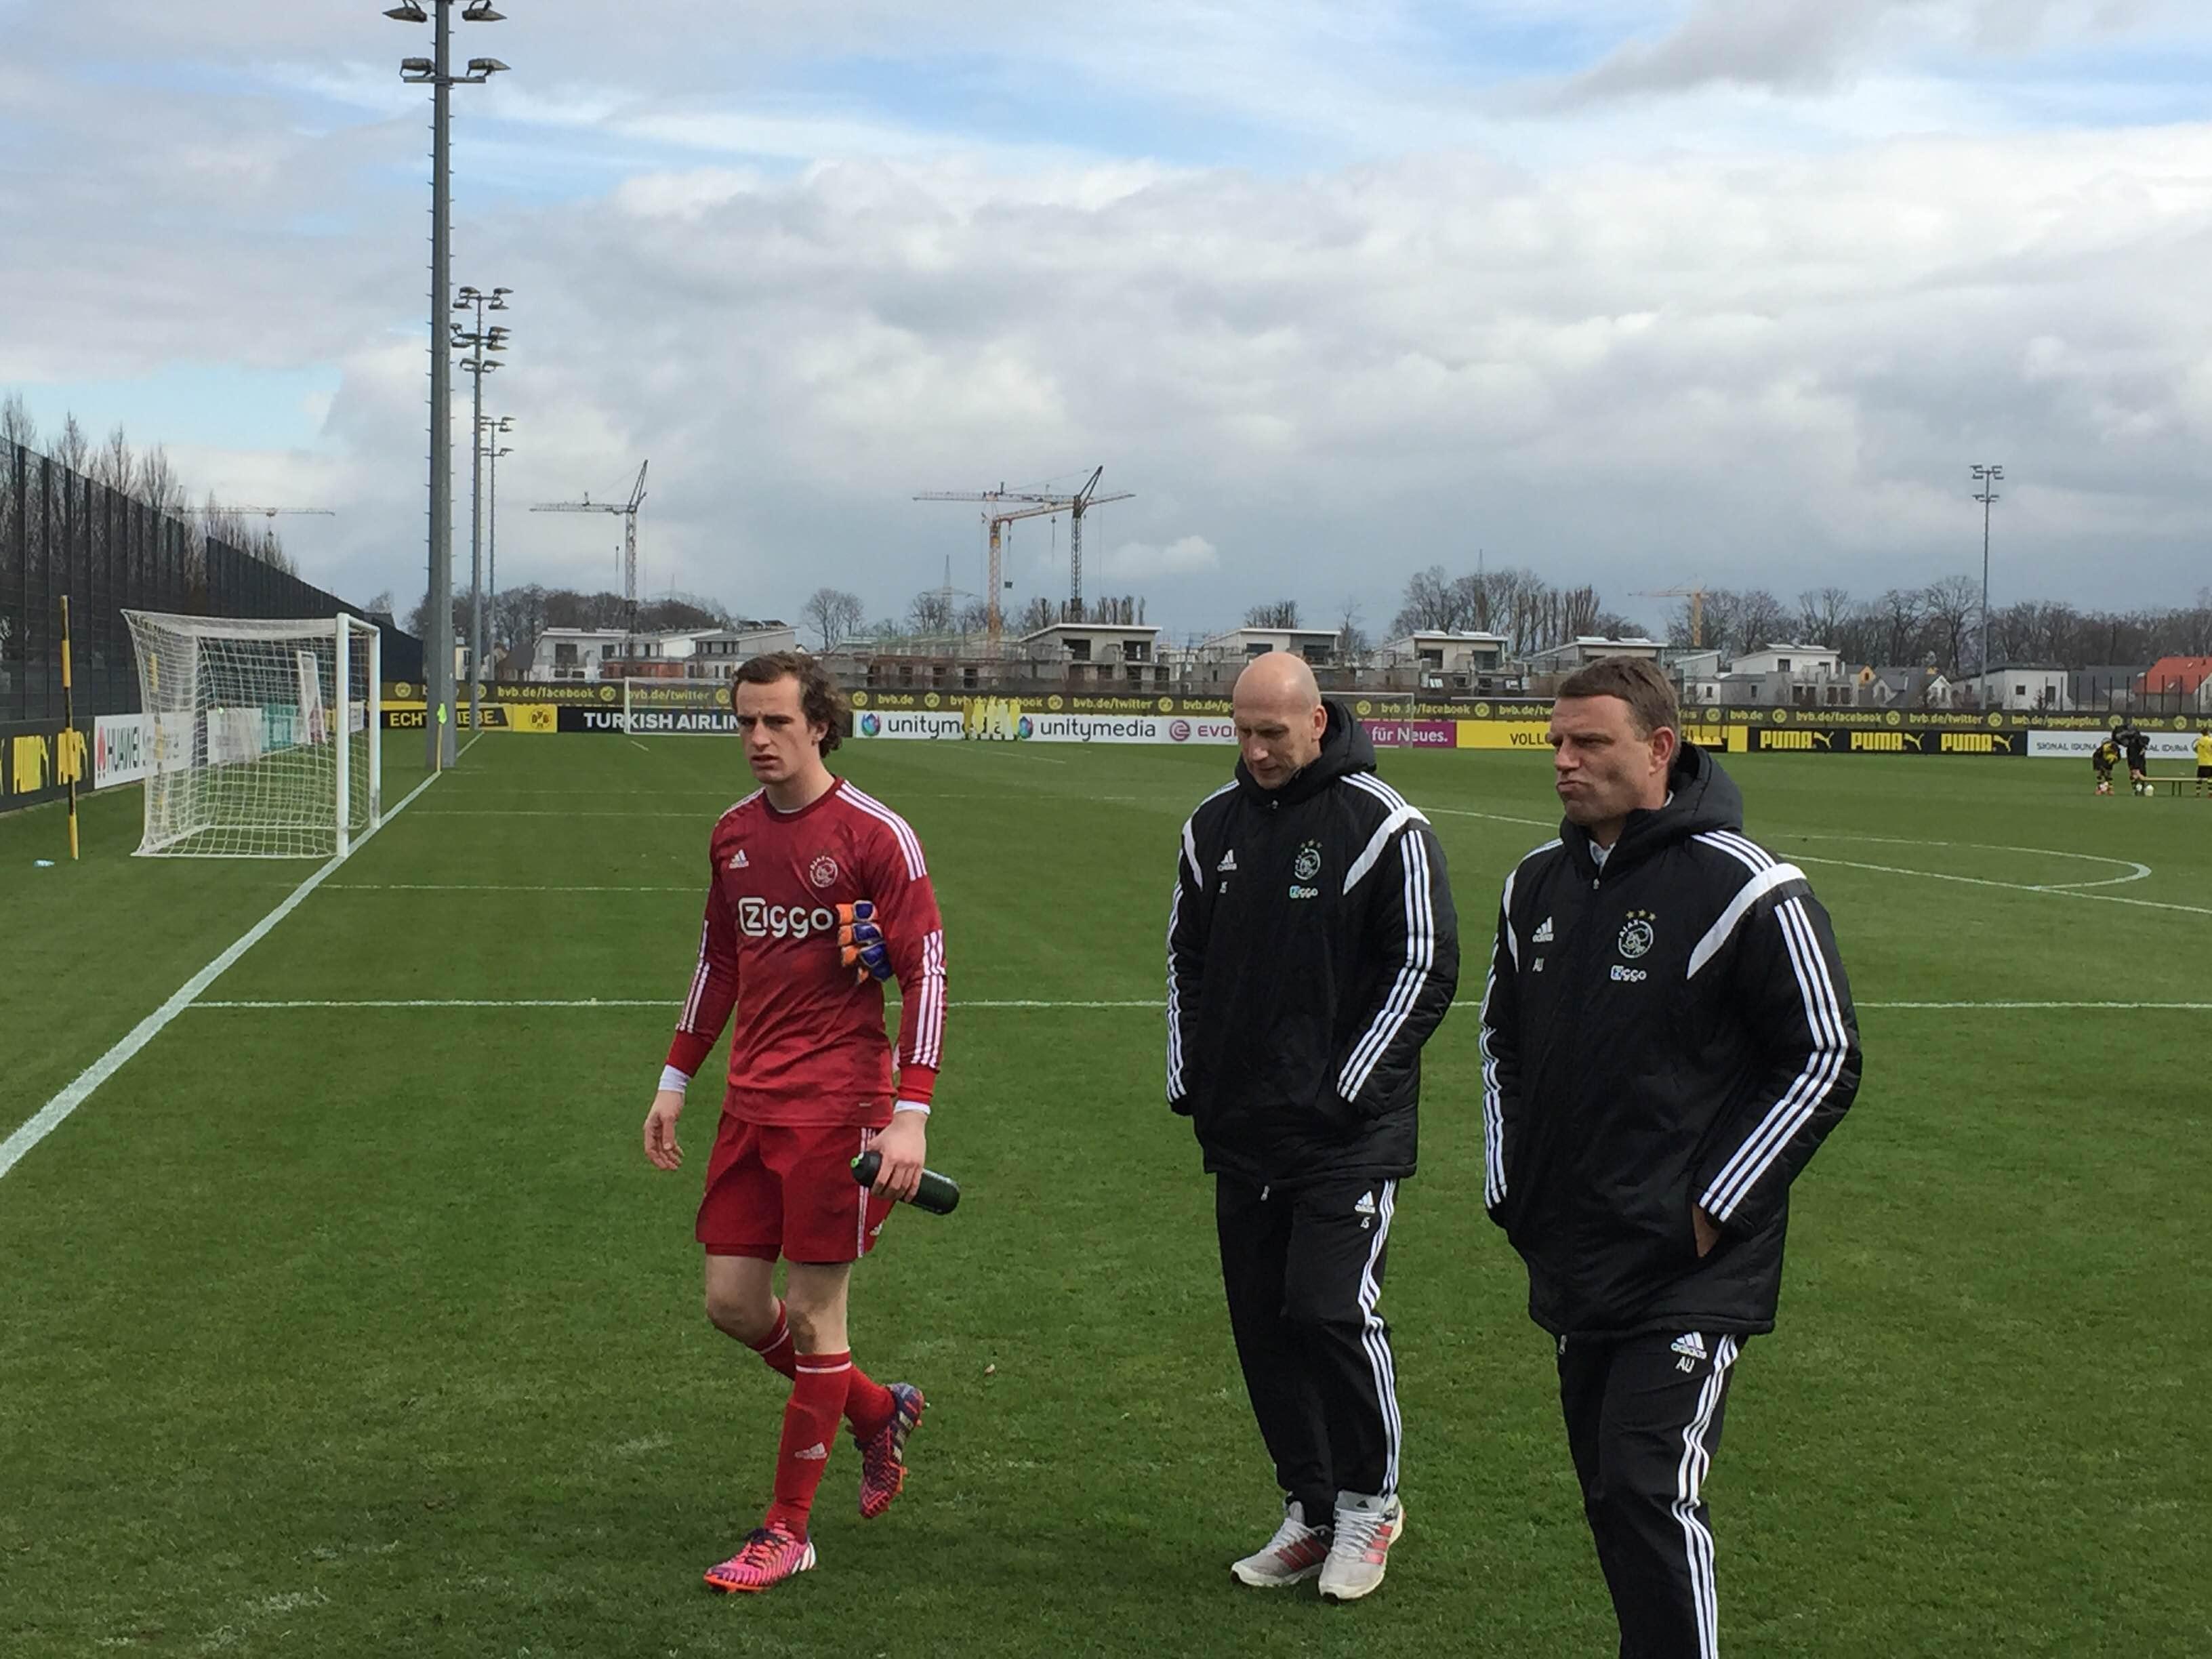 Abwehrlegende Jaap Stam (Mitte) trainiert jetzt Jong Ajax